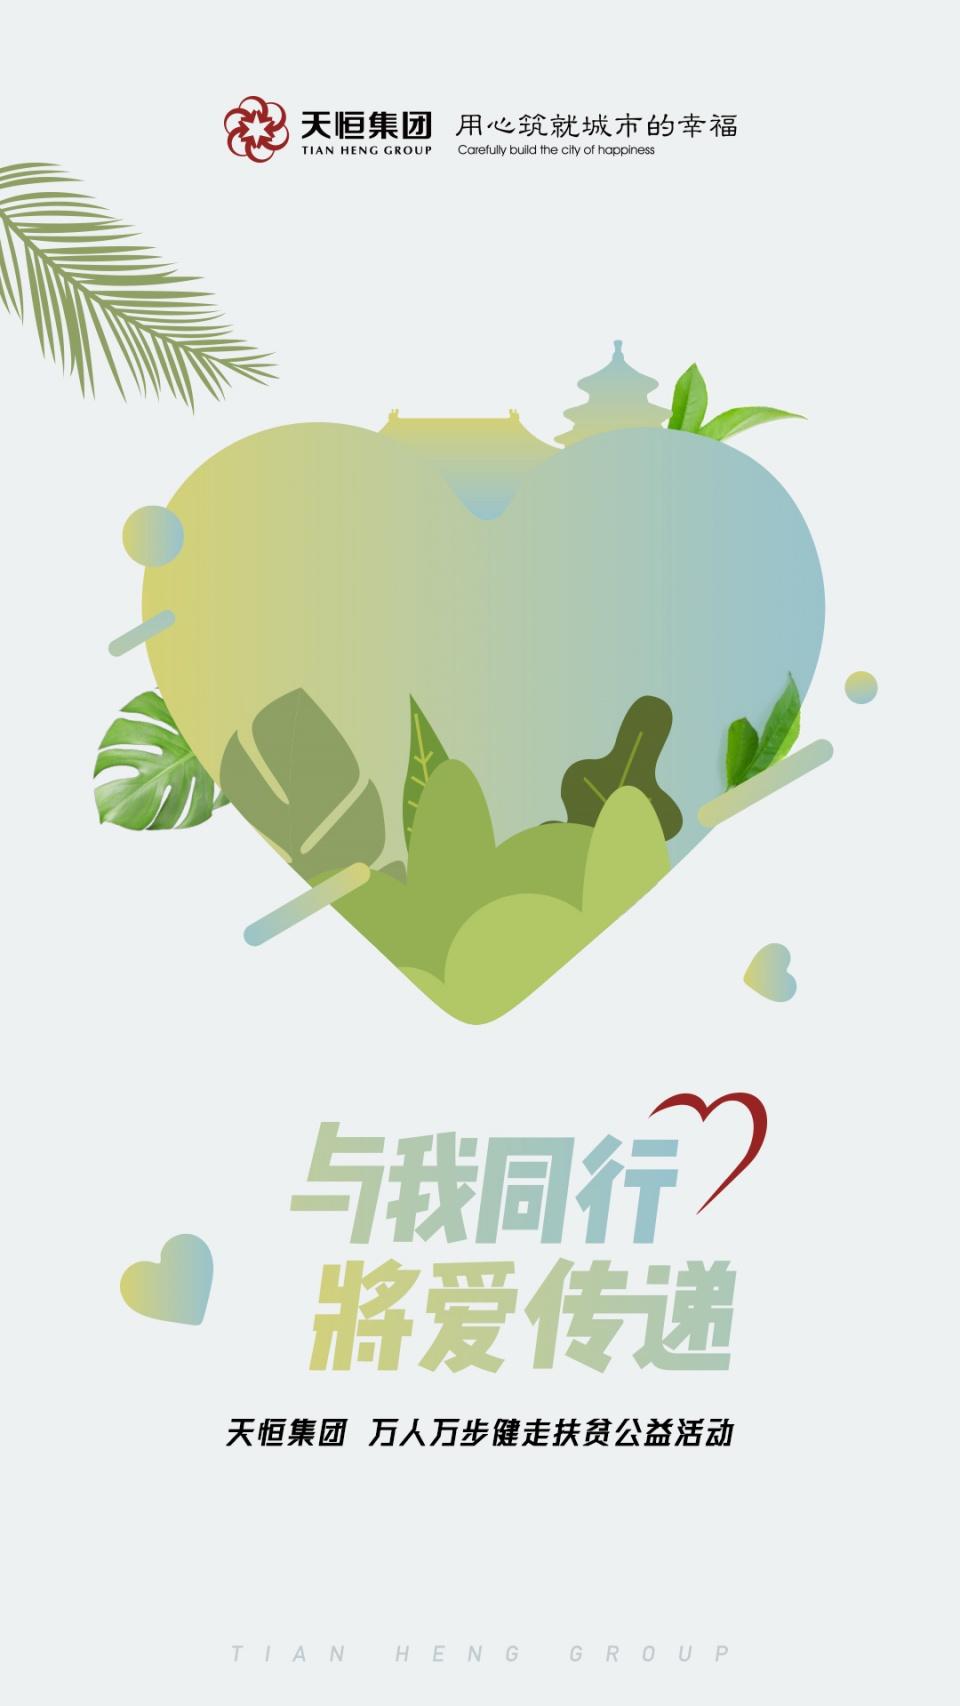 国企标兵再行动 天恒集团打响2019年精准扶贫攻坚战-中国网地产